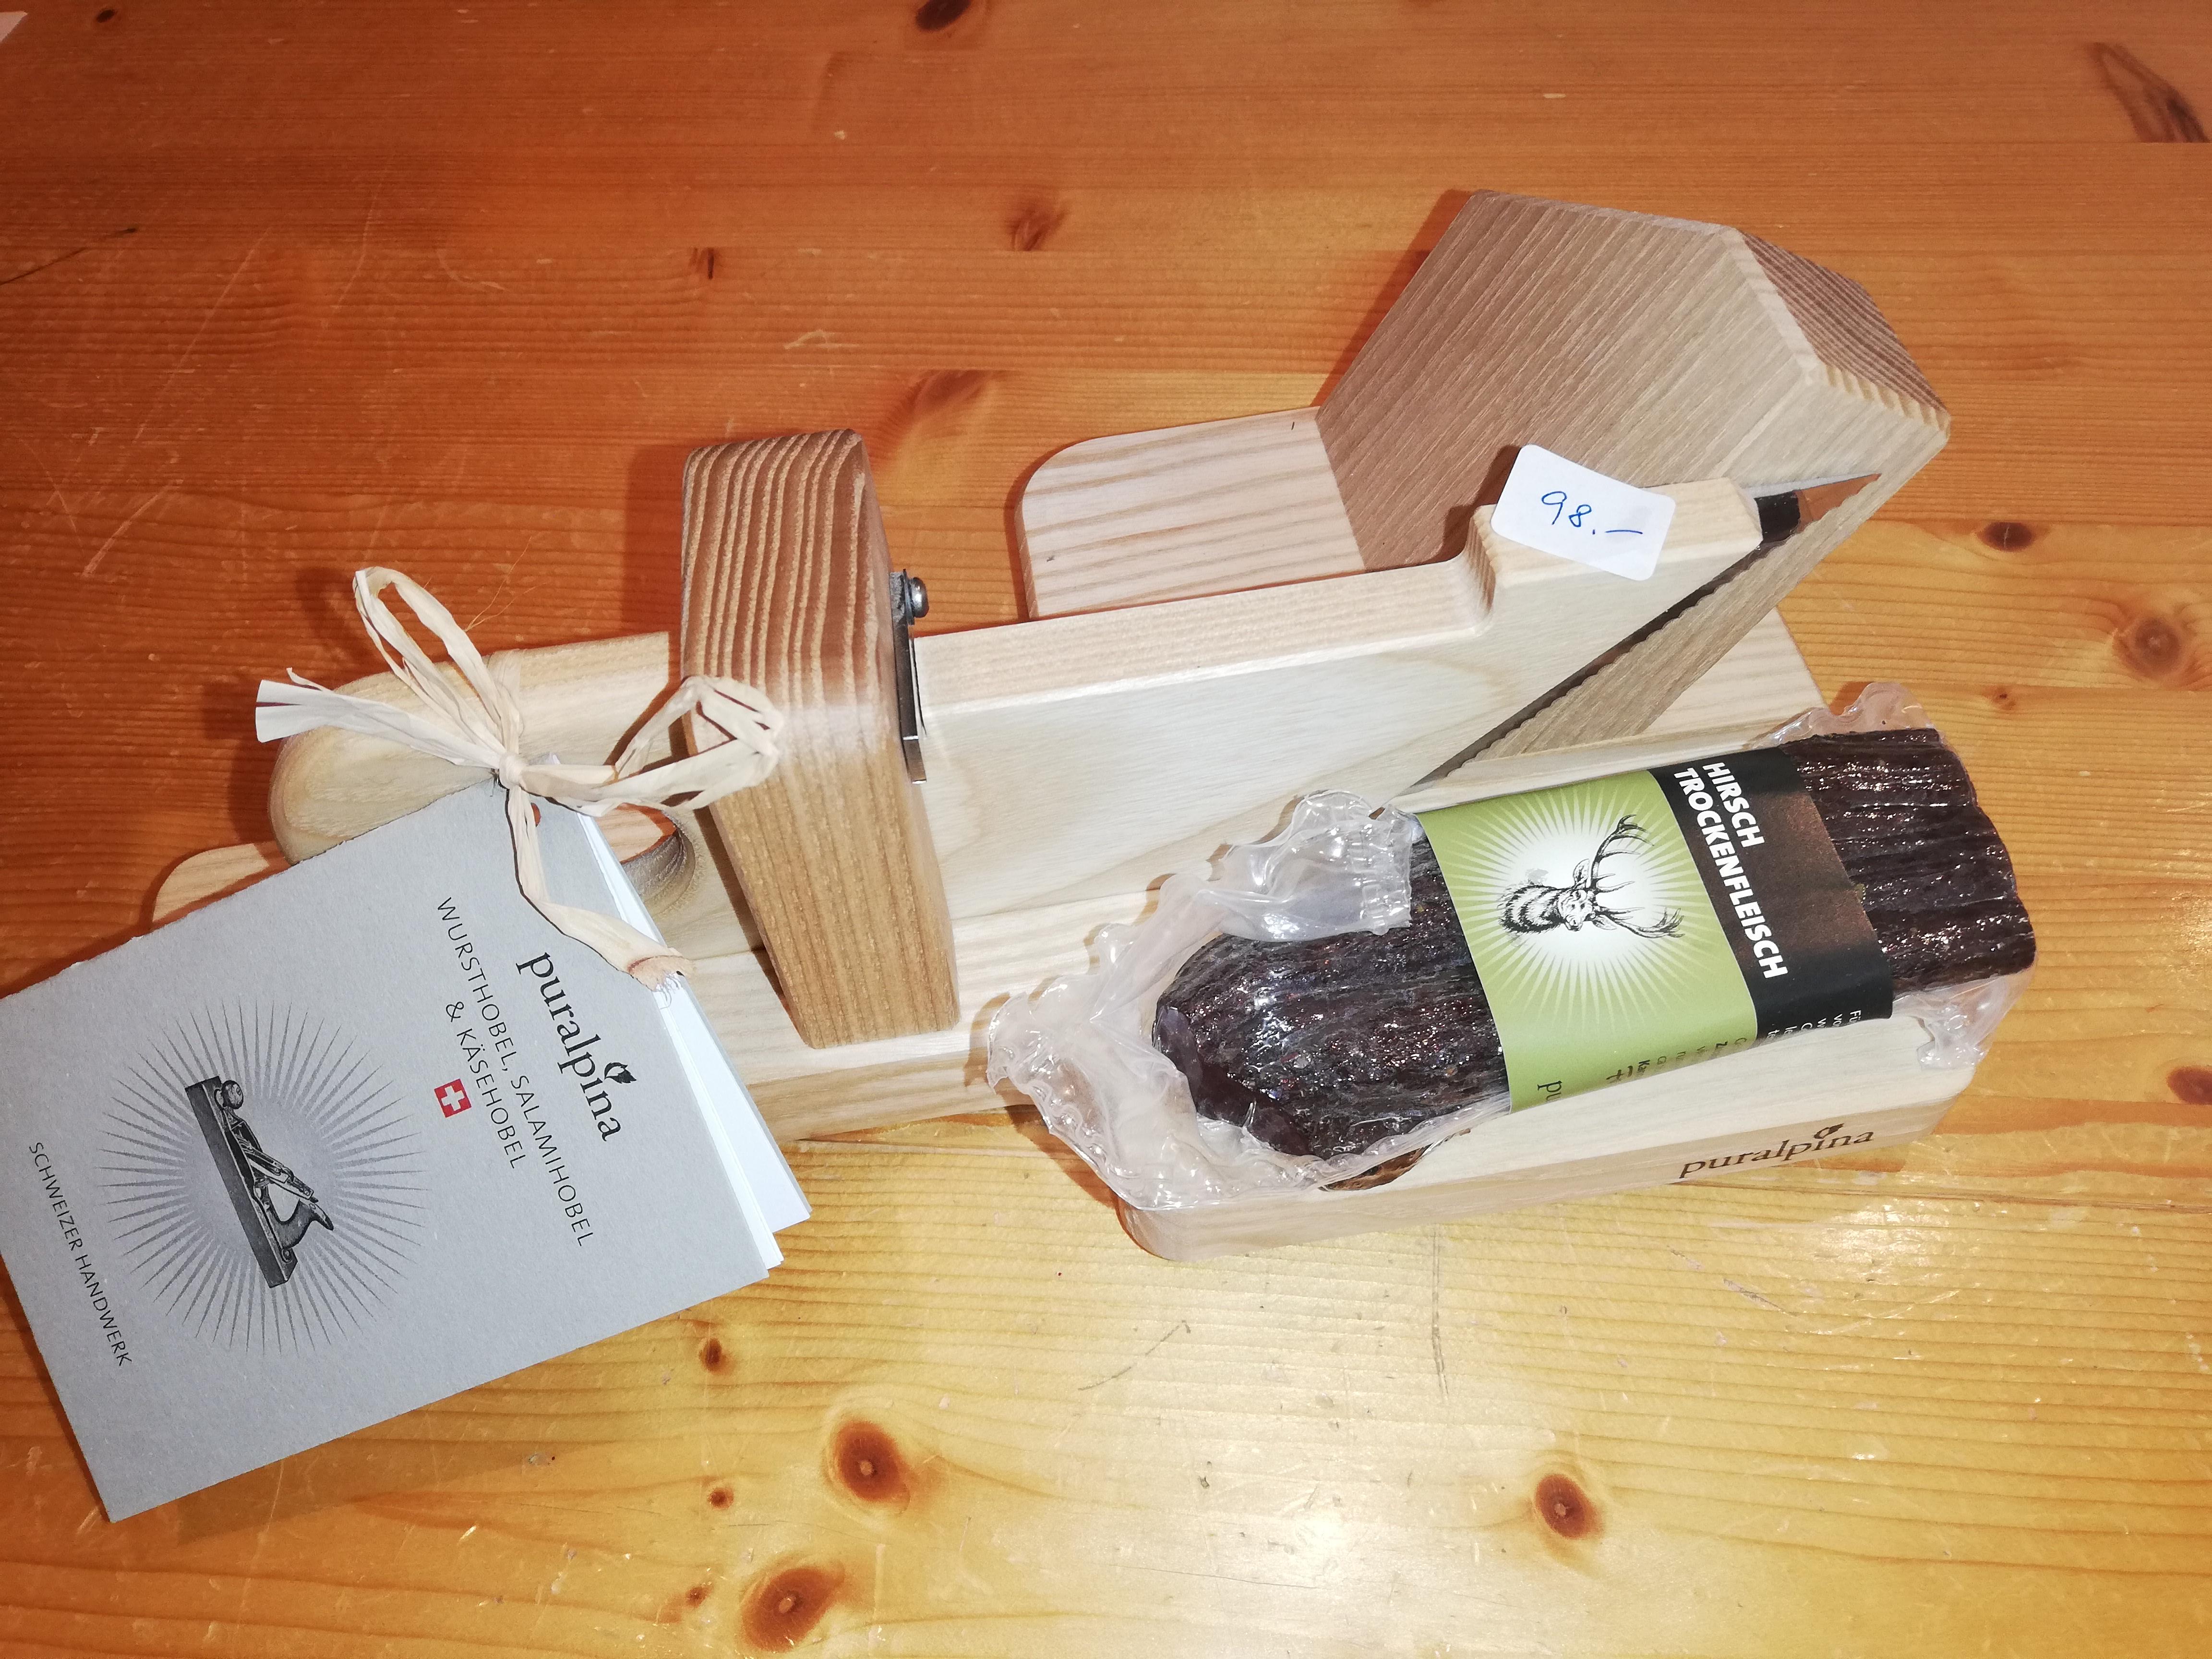 Wursthobel, Eschenholz, mit Wildwurst